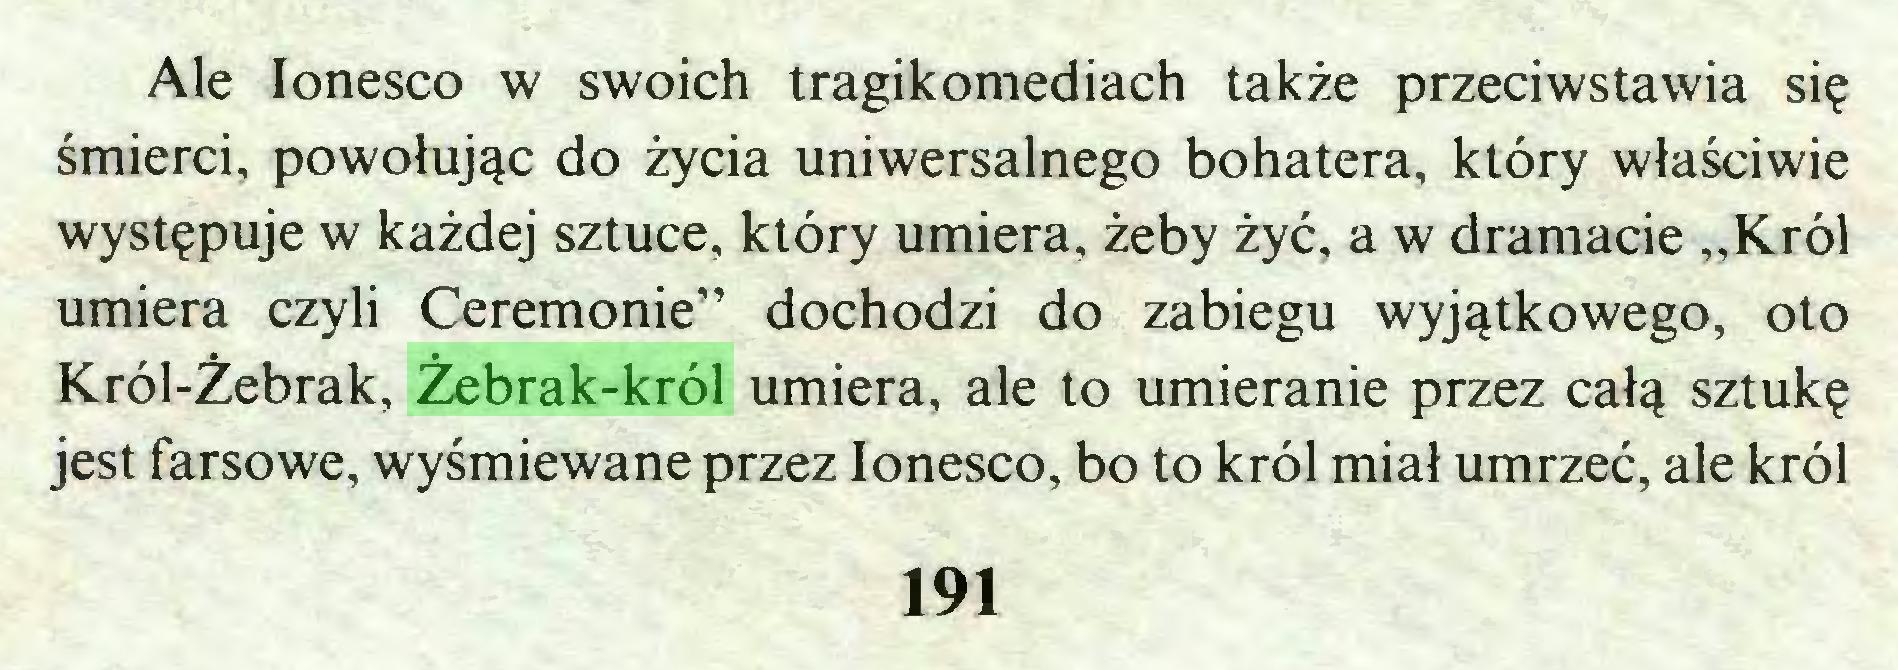 """(...) Ale Ionesco w swoich tragikomediach także przeciwstawia się śmierci, powołując do życia uniwersalnego bohatera, który właściwie występuje w każdej sztuce, który umiera, żeby żyć, a w dramacie """"Król umiera czyli Ceremonie"""" dochodzi do zabiegu wyjątkowego, oto Król-Źebrak, Żebrak-król umiera, ale to umieranie przez całą sztukę jest farsowe, wyśmiewane przez Ionesco, bo to król miał umrzeć, ale król 191..."""